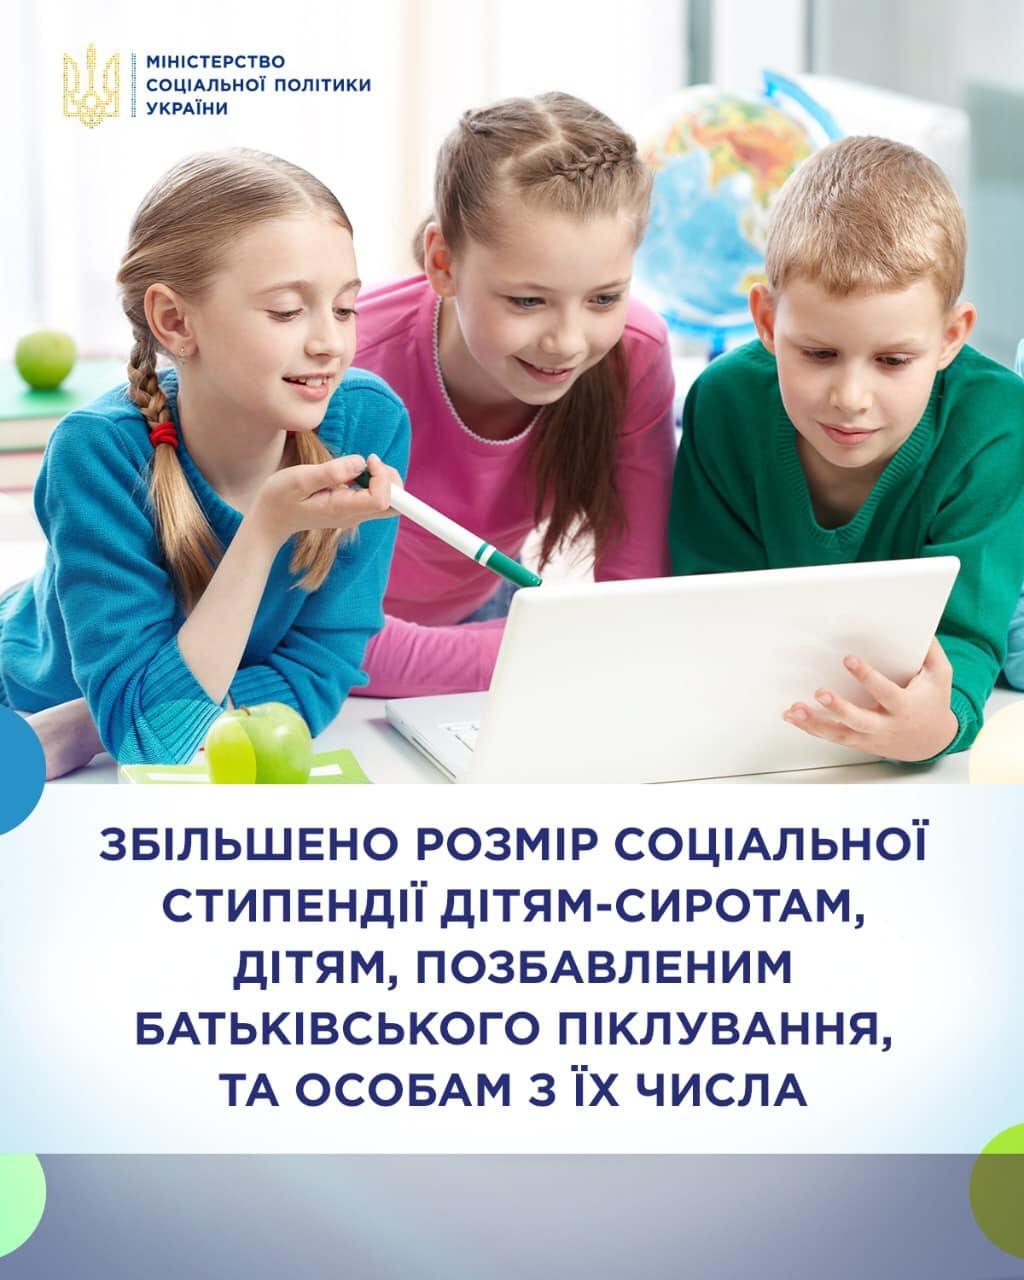 Збільшено розмір соціальної стипендії дітям-сиротам, дітям, позбавленим батьківського піклування, та особам з їх числа